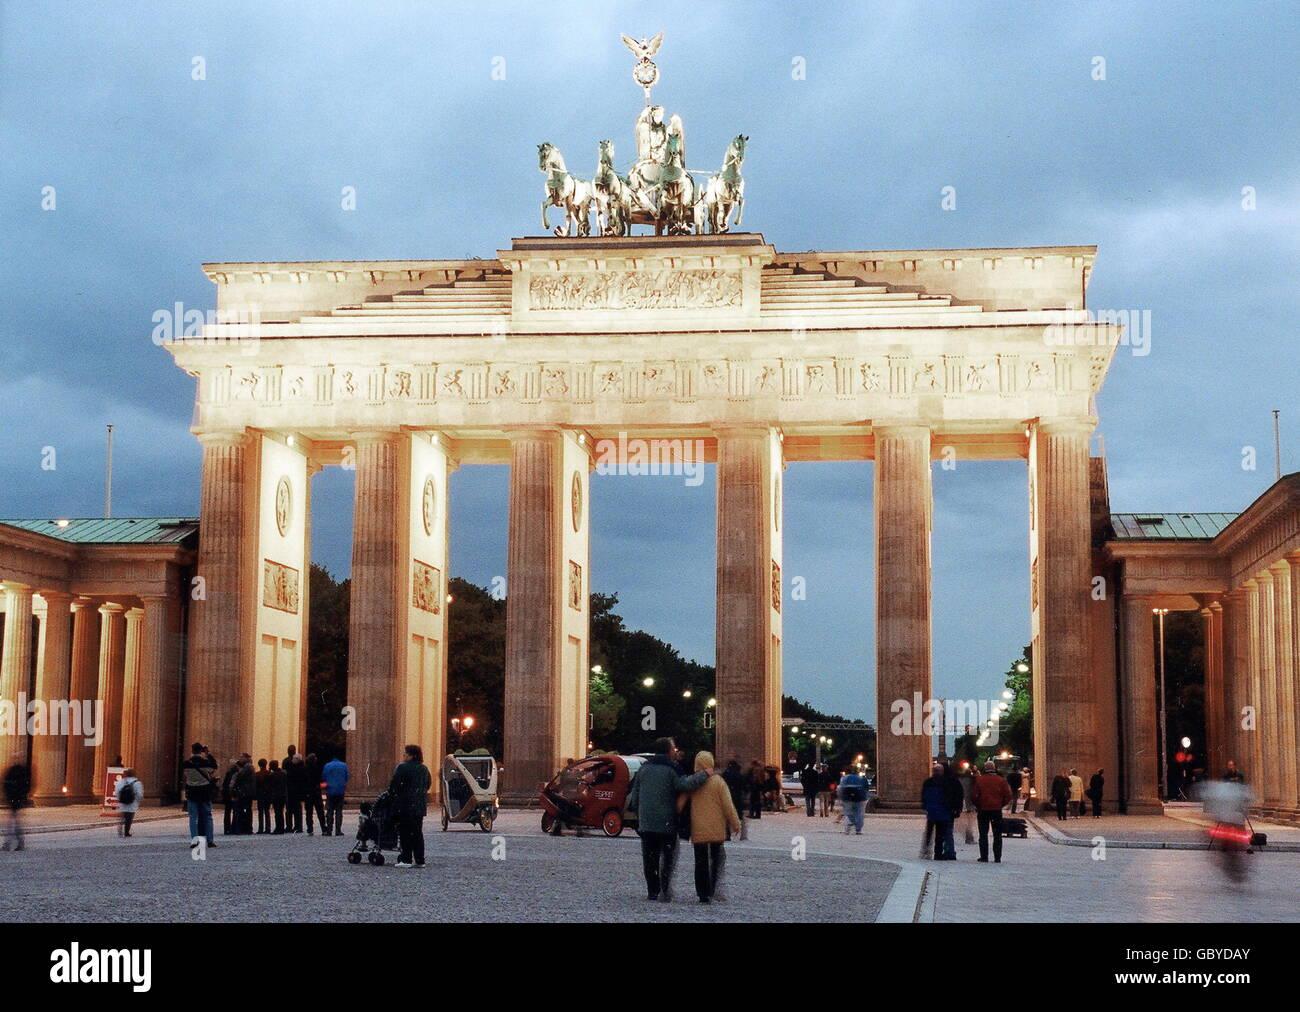 Geografia / viaggio, Germania, Berlino, porta di Brandeburgo, dopo restauro, 3.10.2002, foto notturna, diritti aggiuntivi-clearences-non disponibile Foto Stock